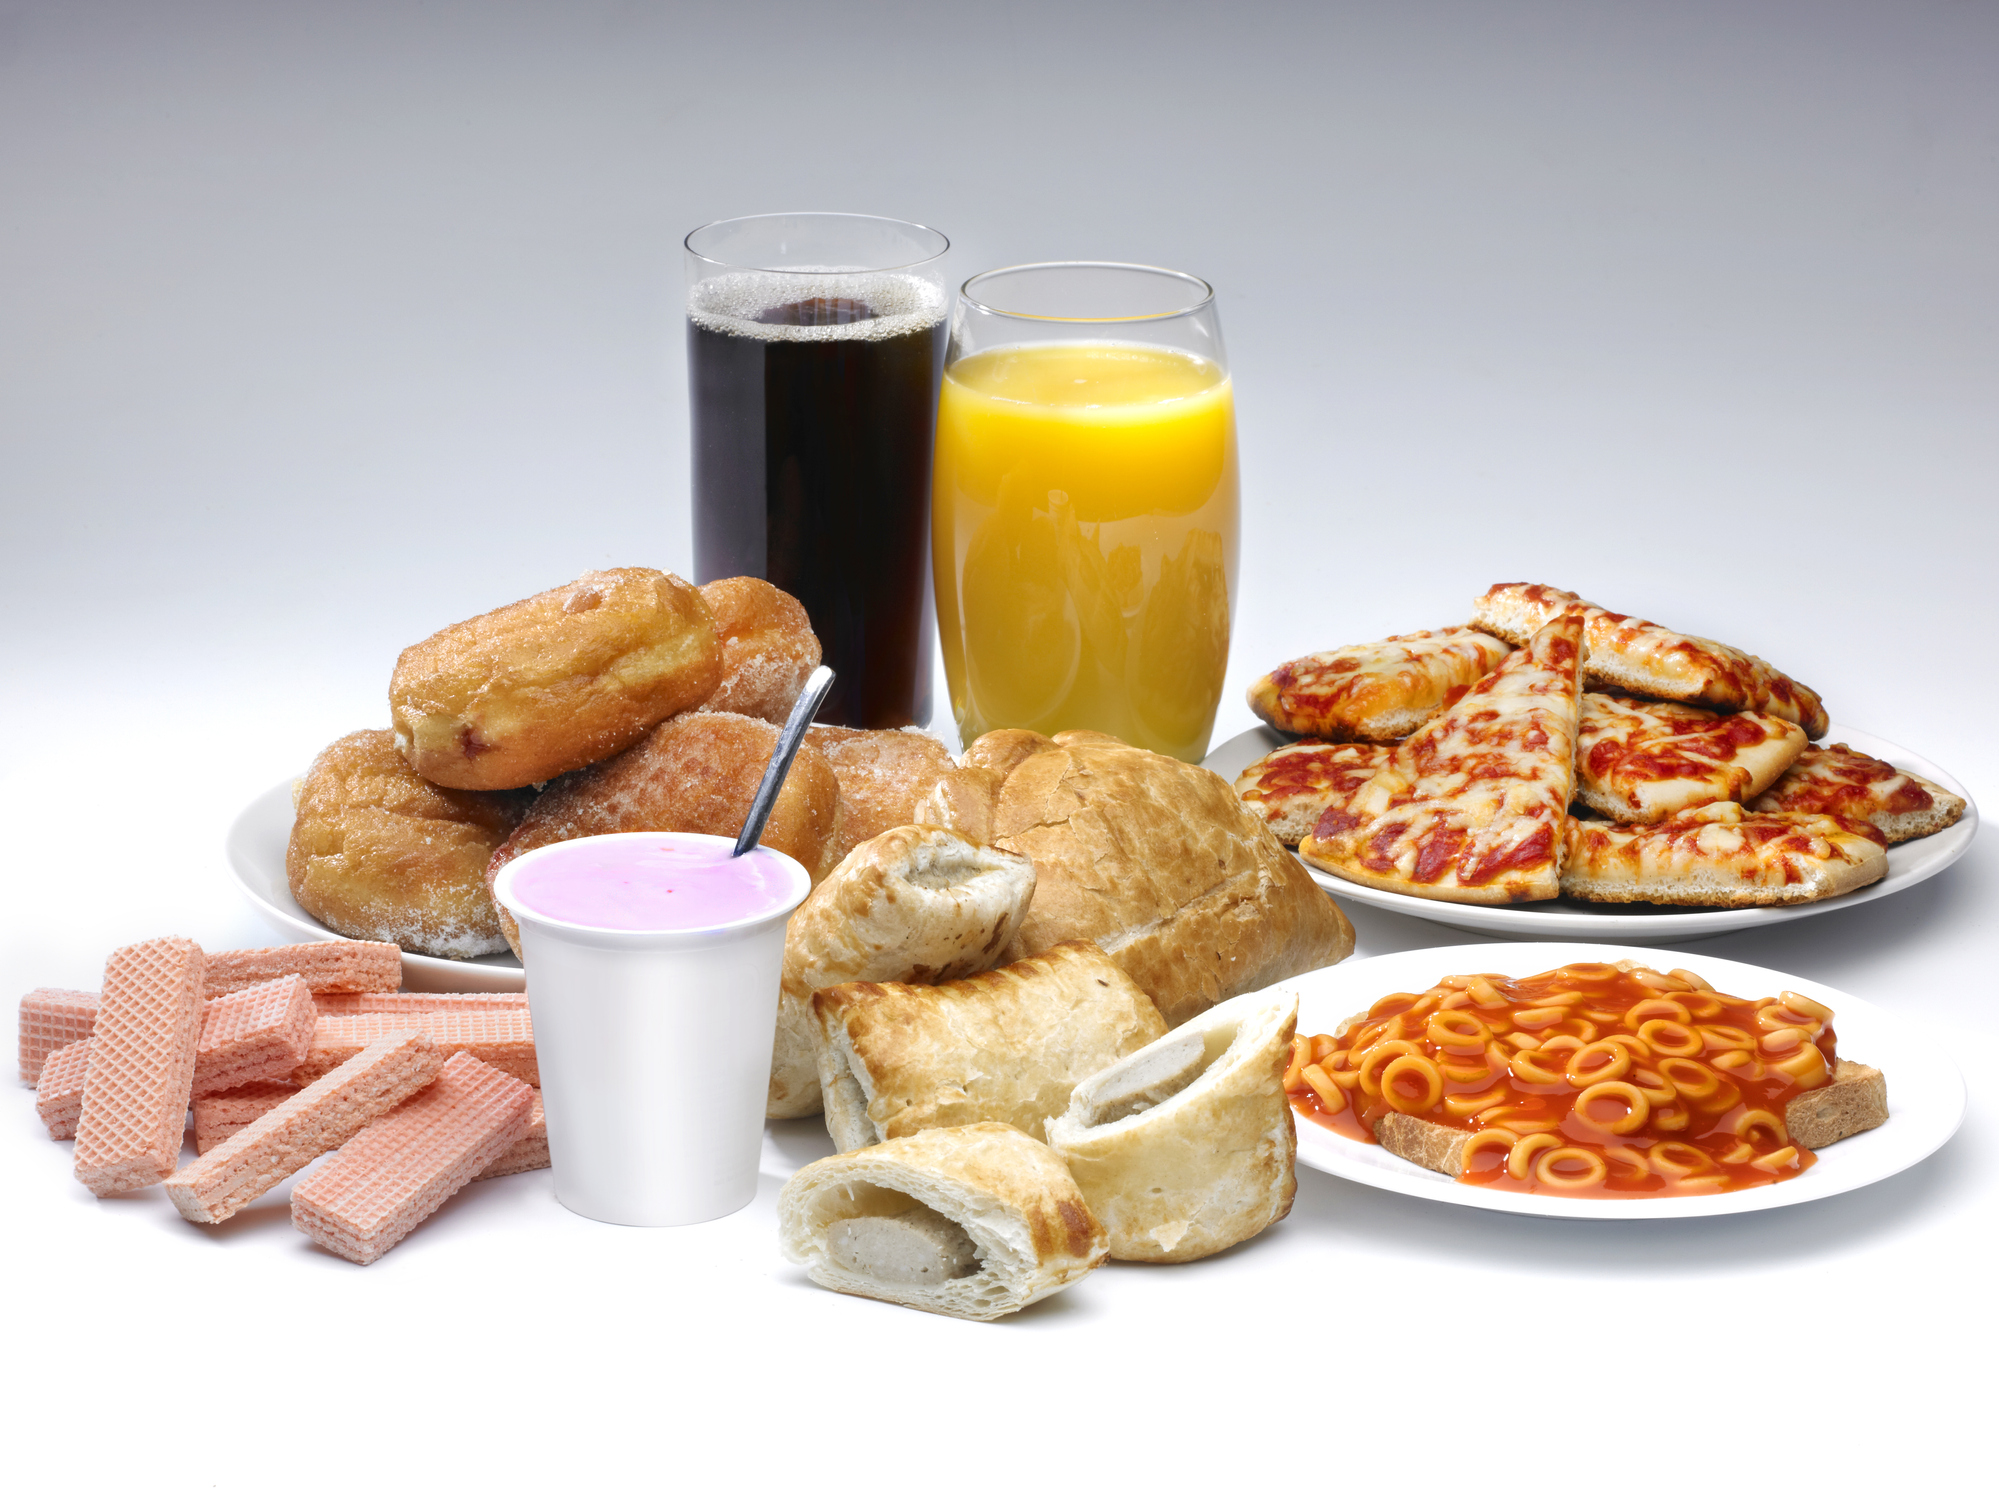 Los alimentos ultraprocesados son un peligro para la salud